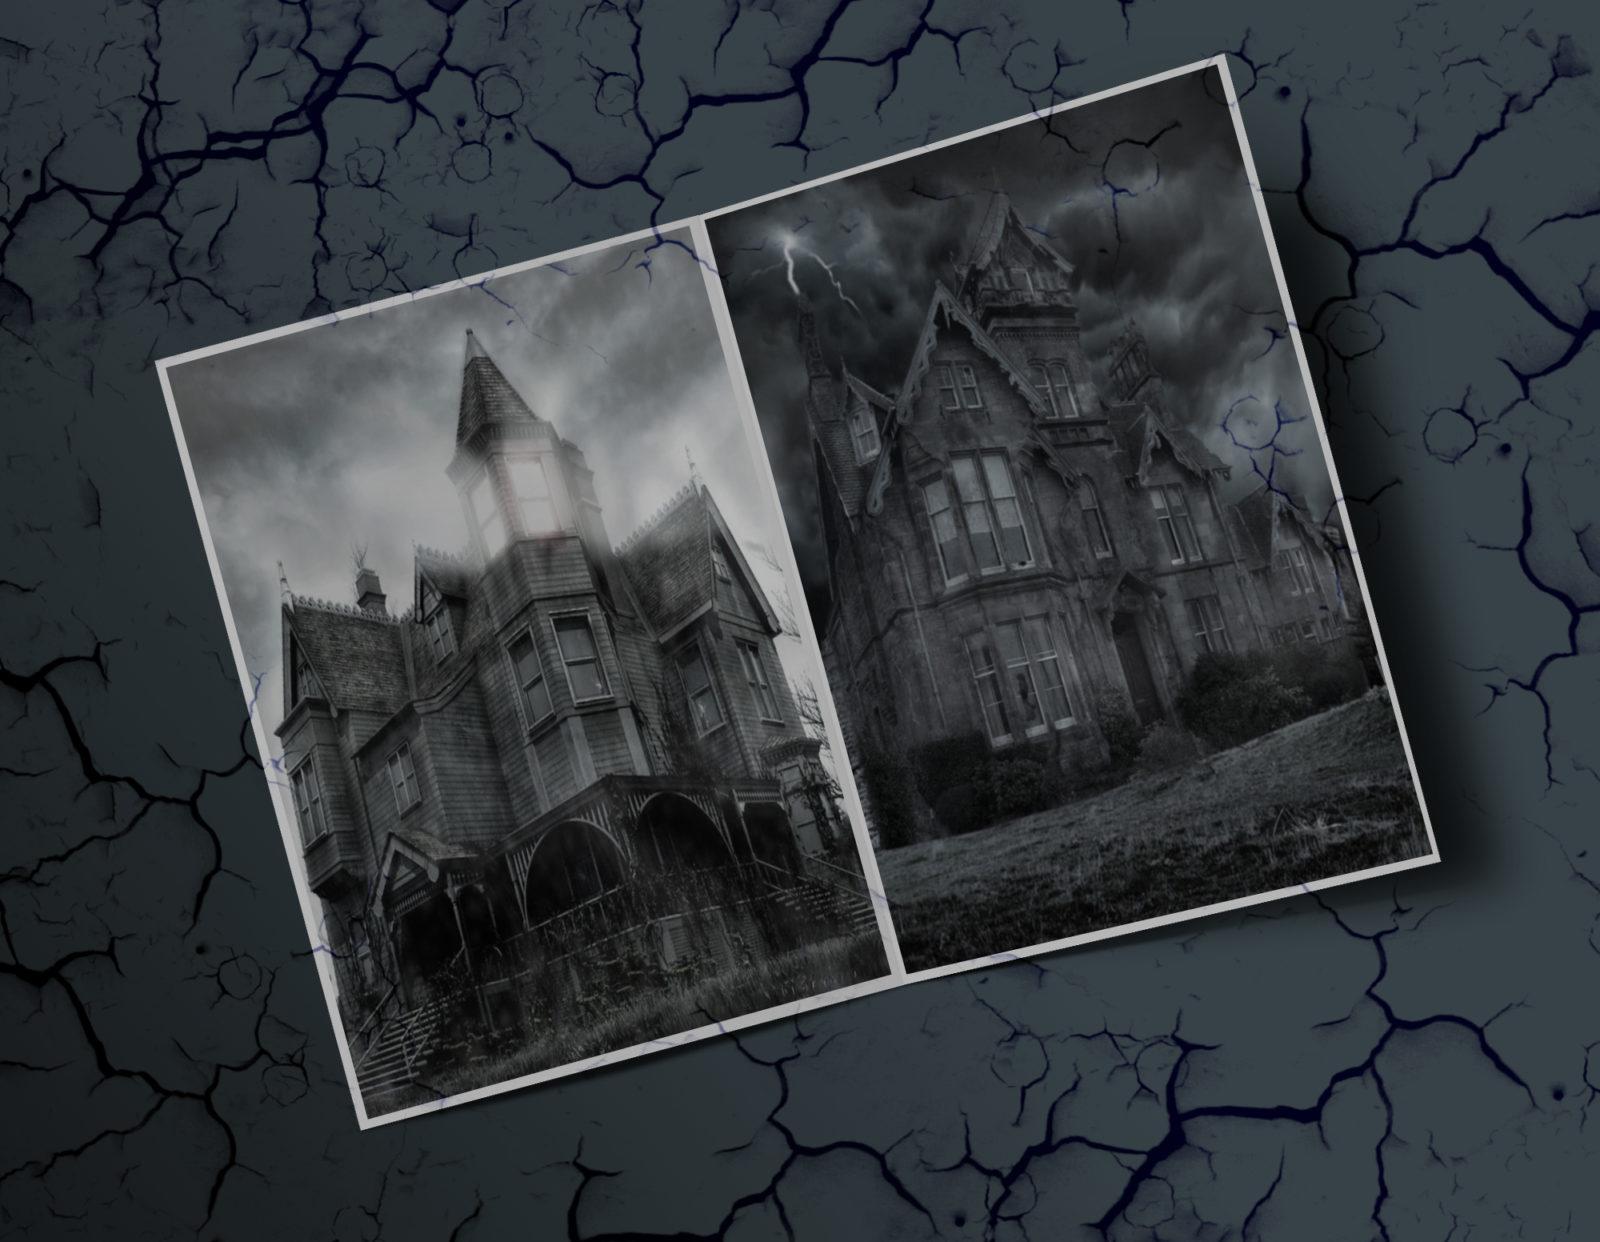 Жуткий дом из прошлого рассказ бродяги